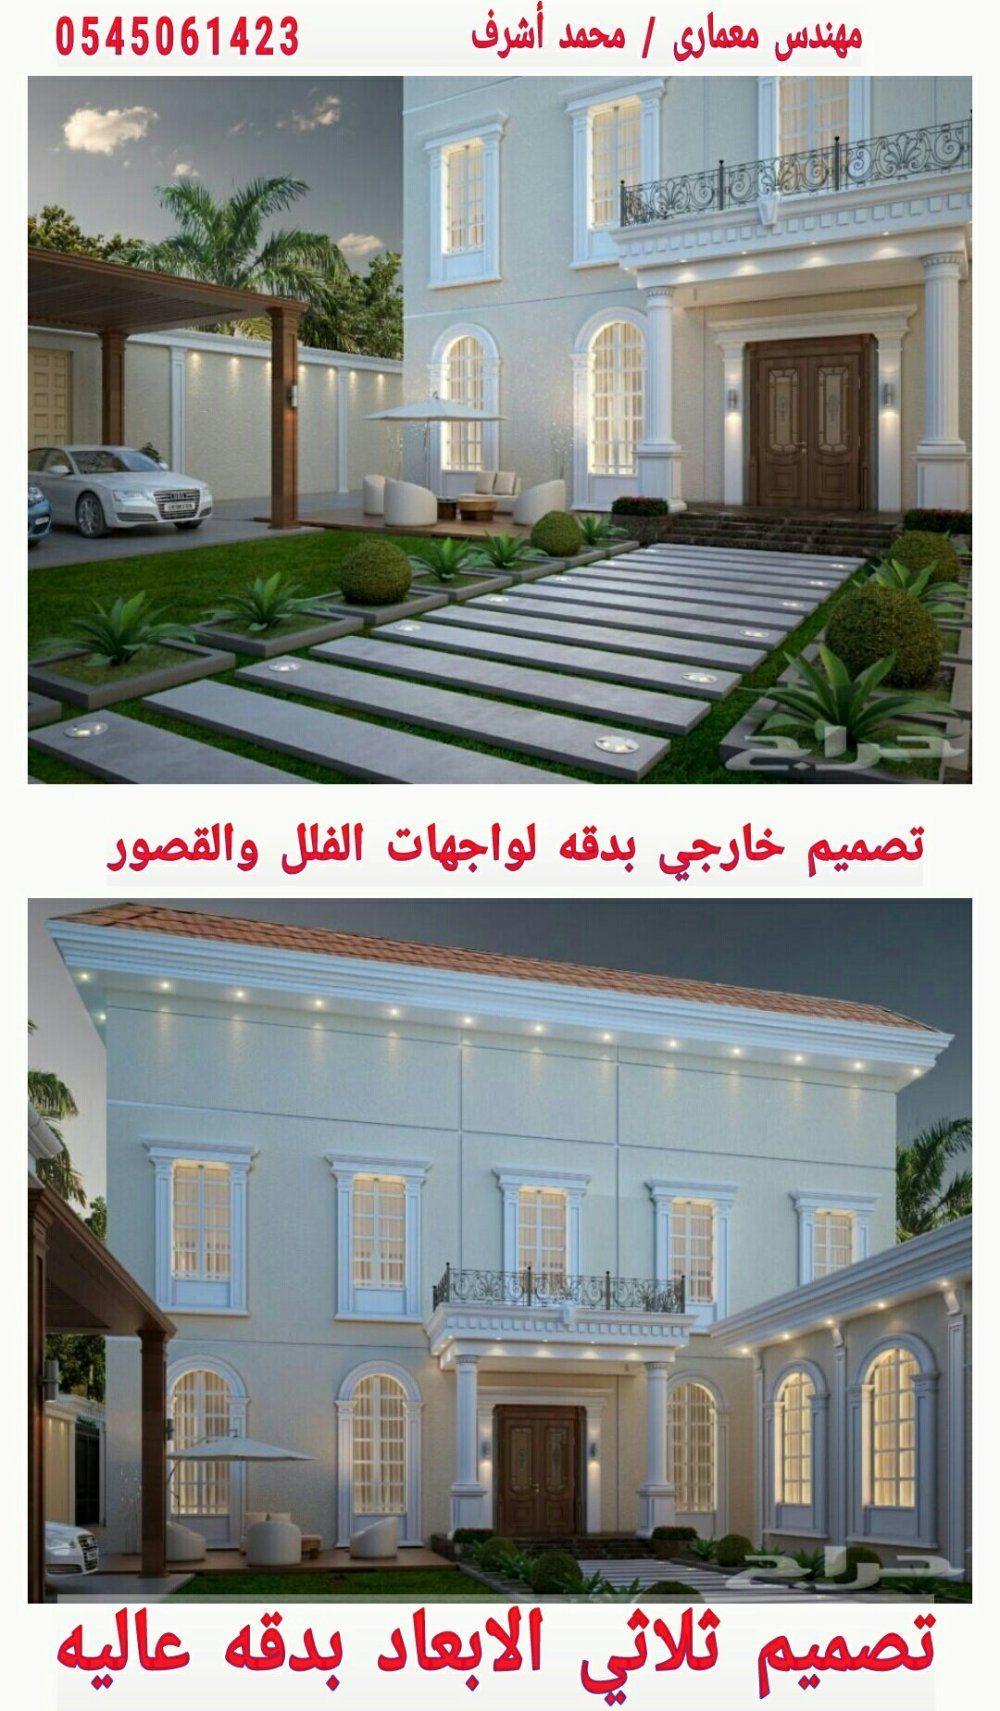 مهندس معماري في الرياض 0545061423 مهندس تصاميم قصور في الرياض احدث تصاميم ثلاثيه الابعاد مصمم لواجهات الفلل في الرياض مهندس تصميم ديكورات بالرياض اشكال تصامي House Front Design House Designs Exterior